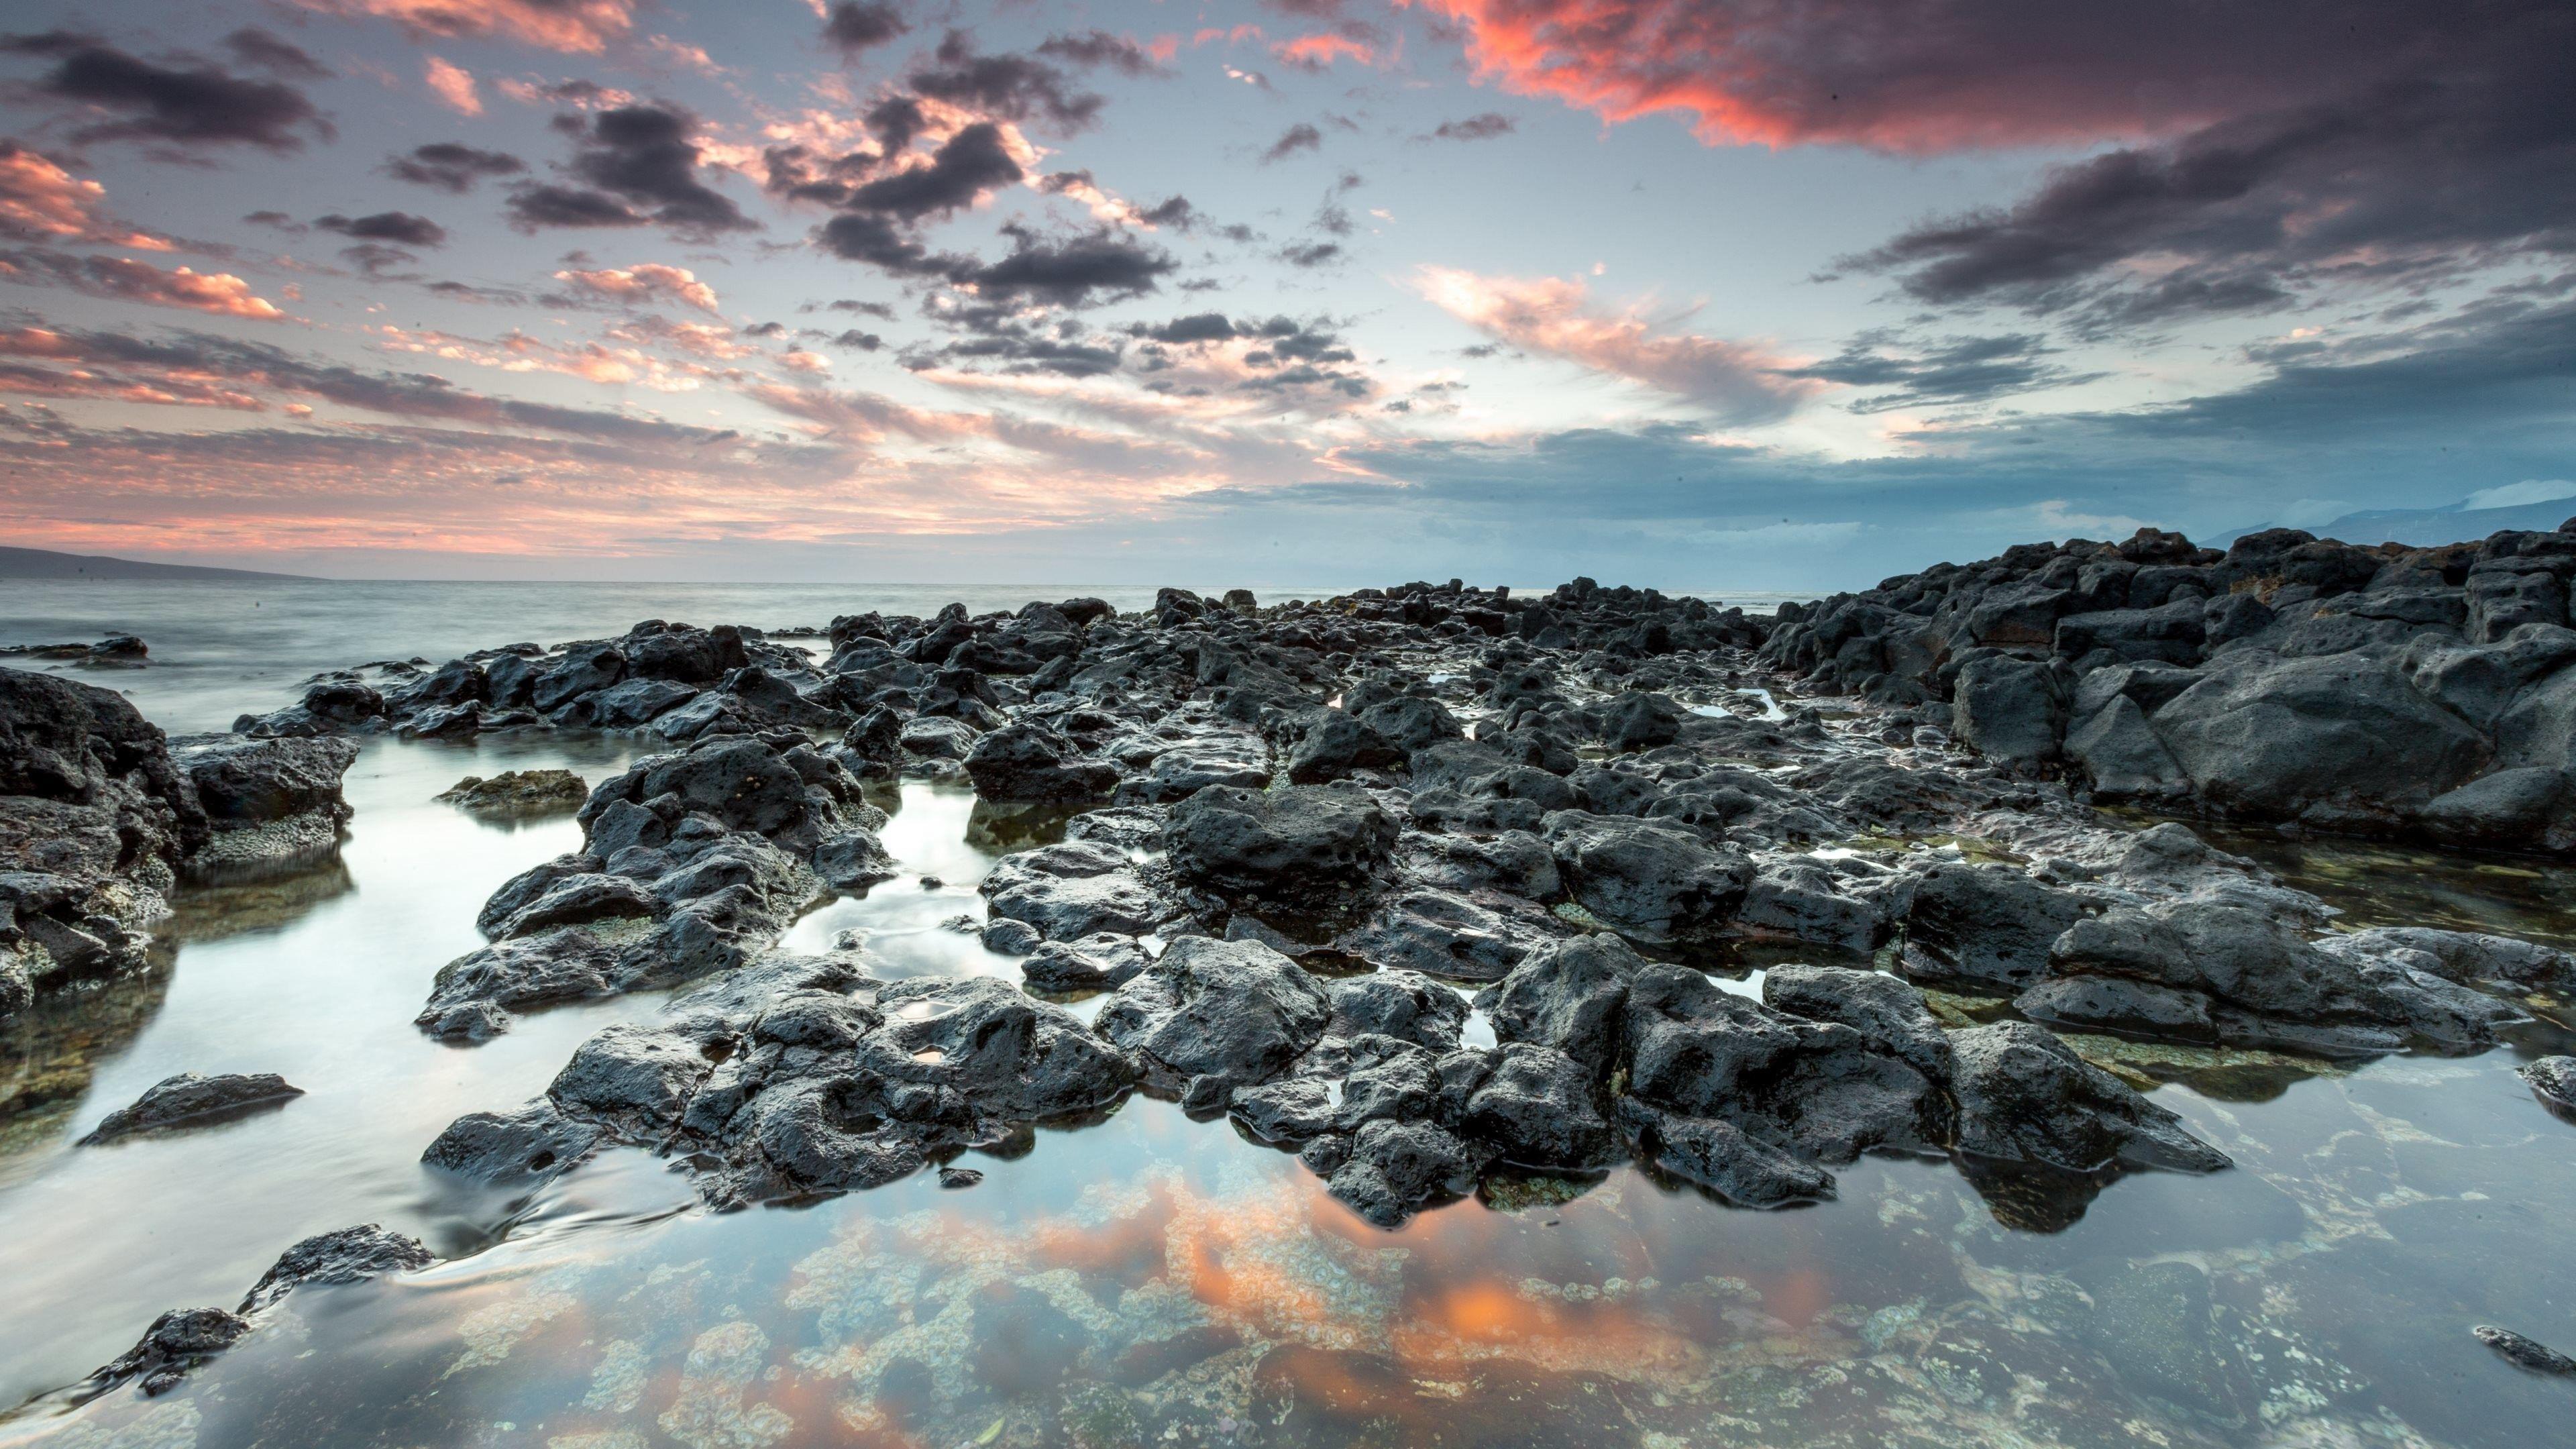 Природа небо облака пляж камни обои скачать